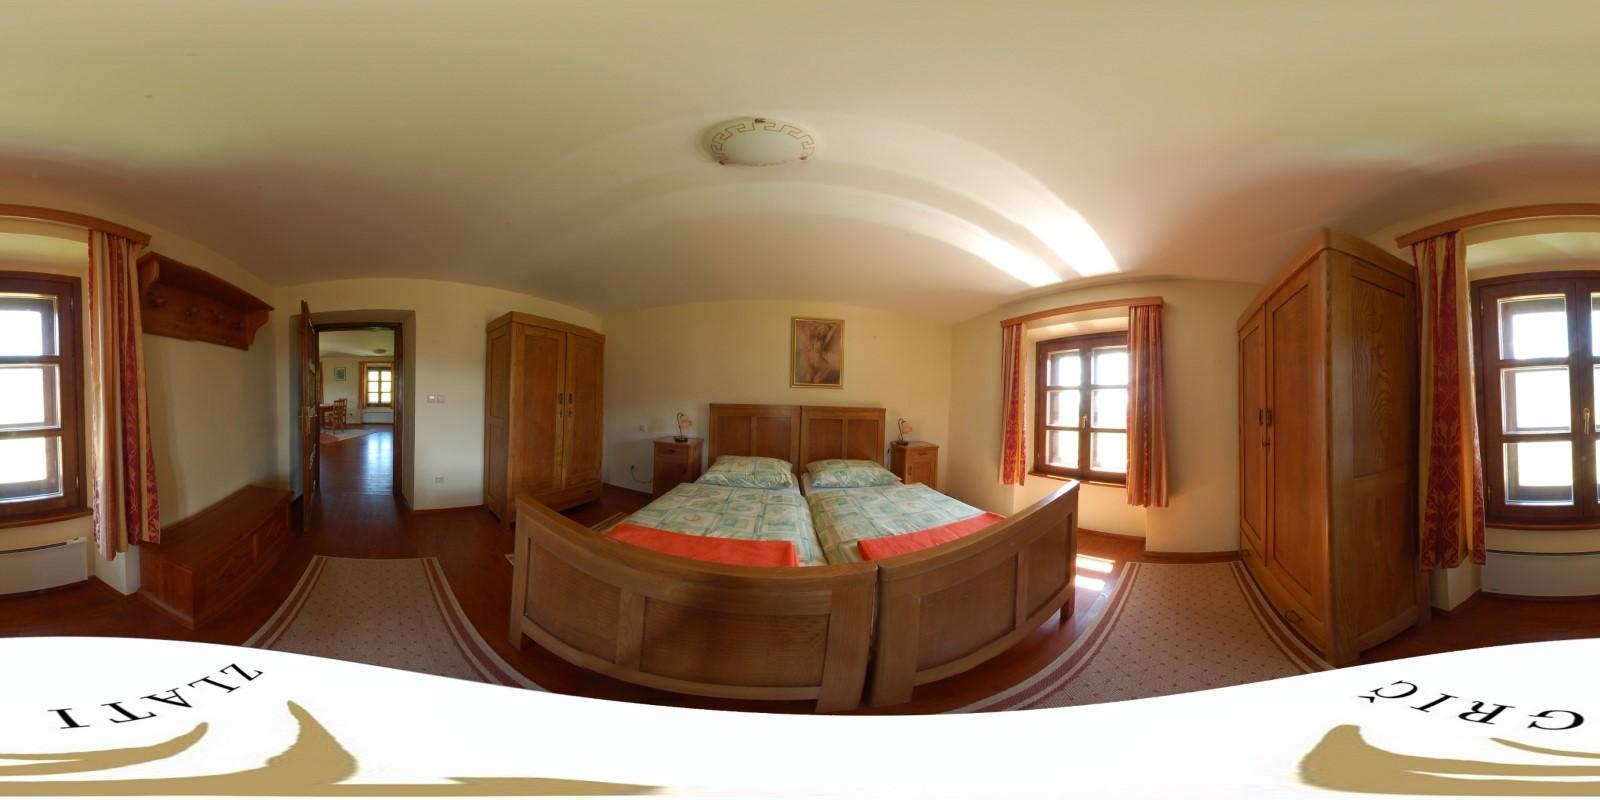 Vinogradniški dvorec - soba